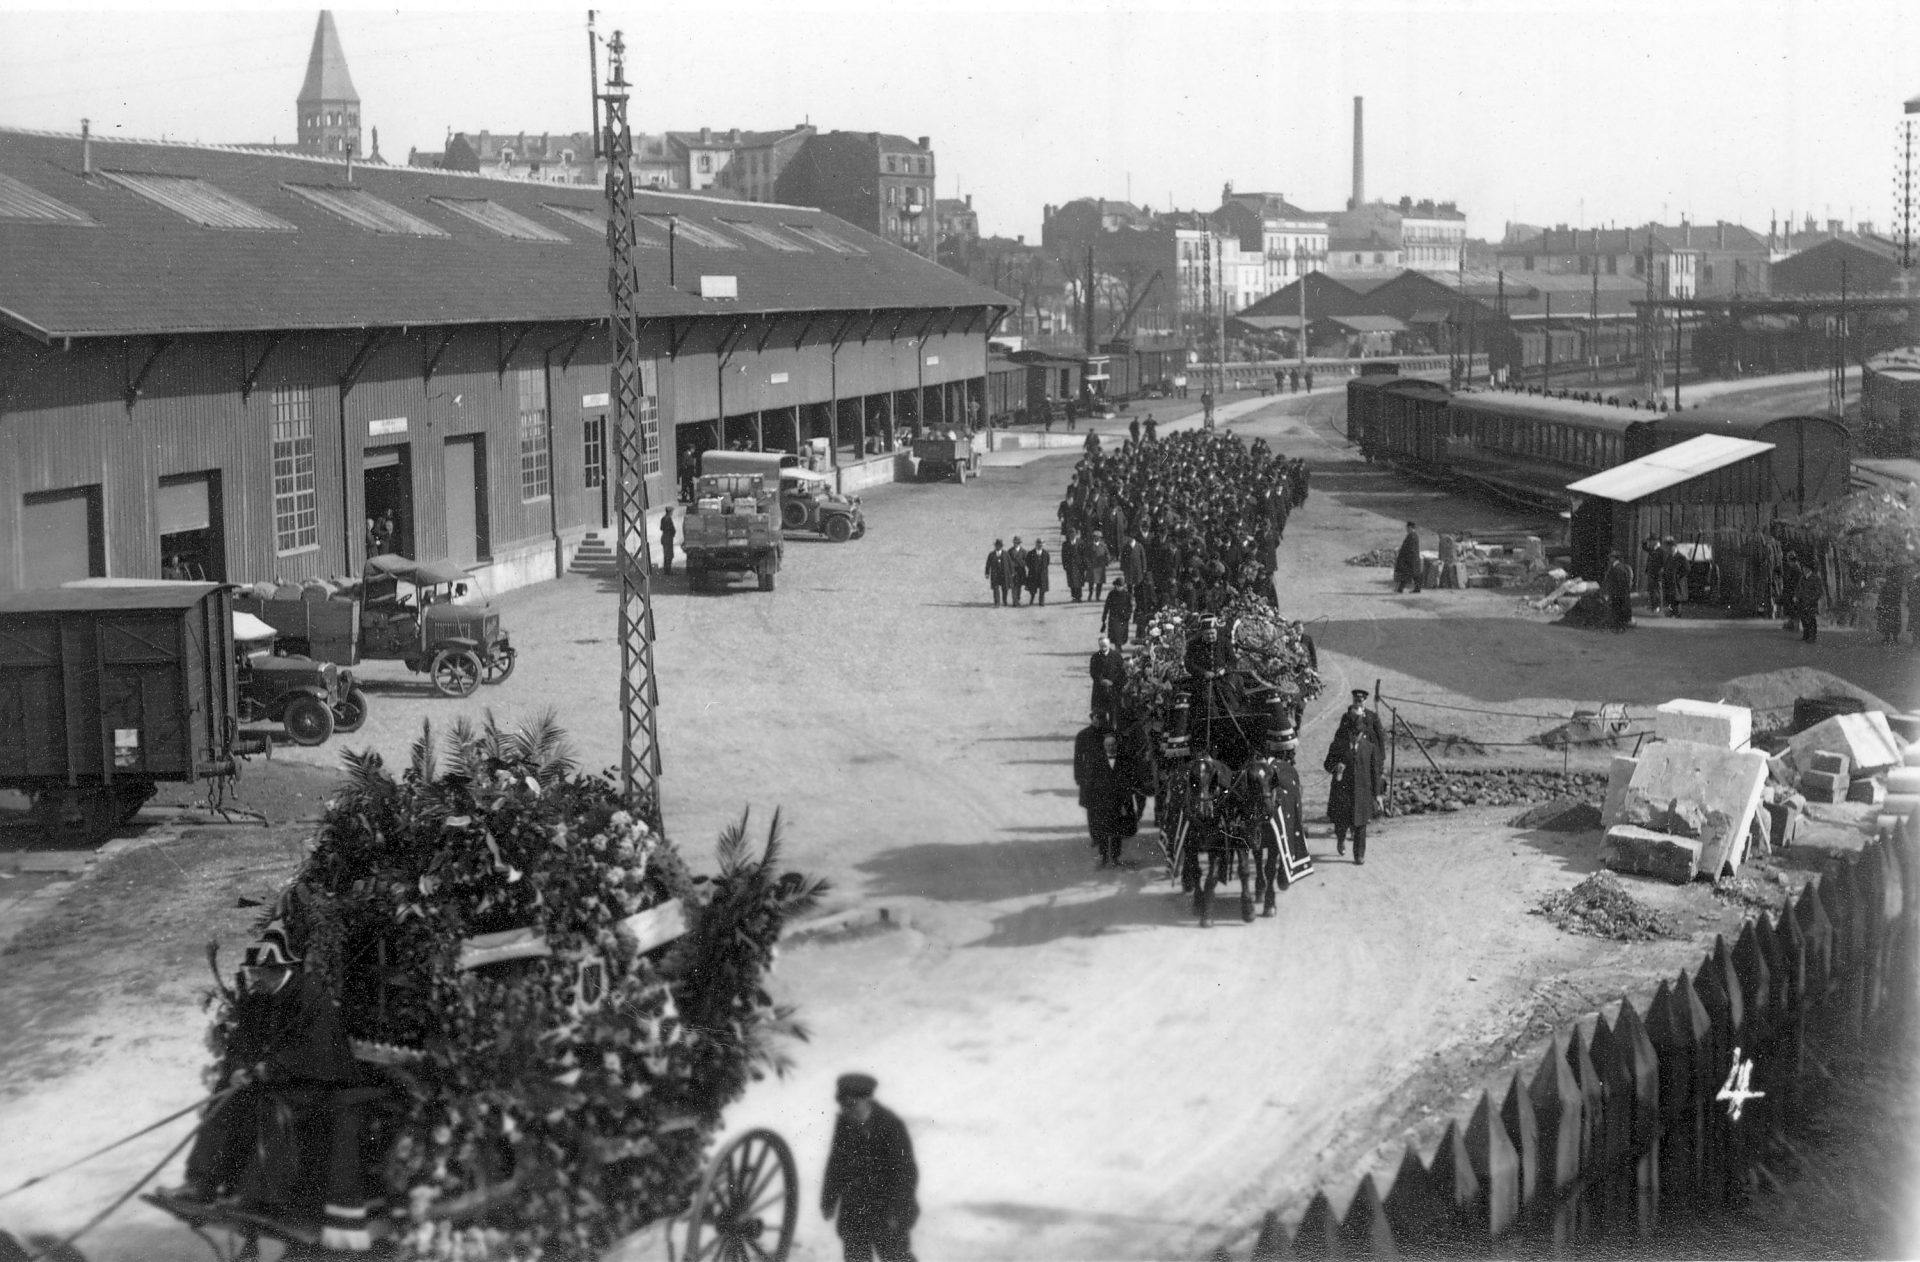 Enterrement Alexandre Varenne - Février 1947, Clermont-Ferrand